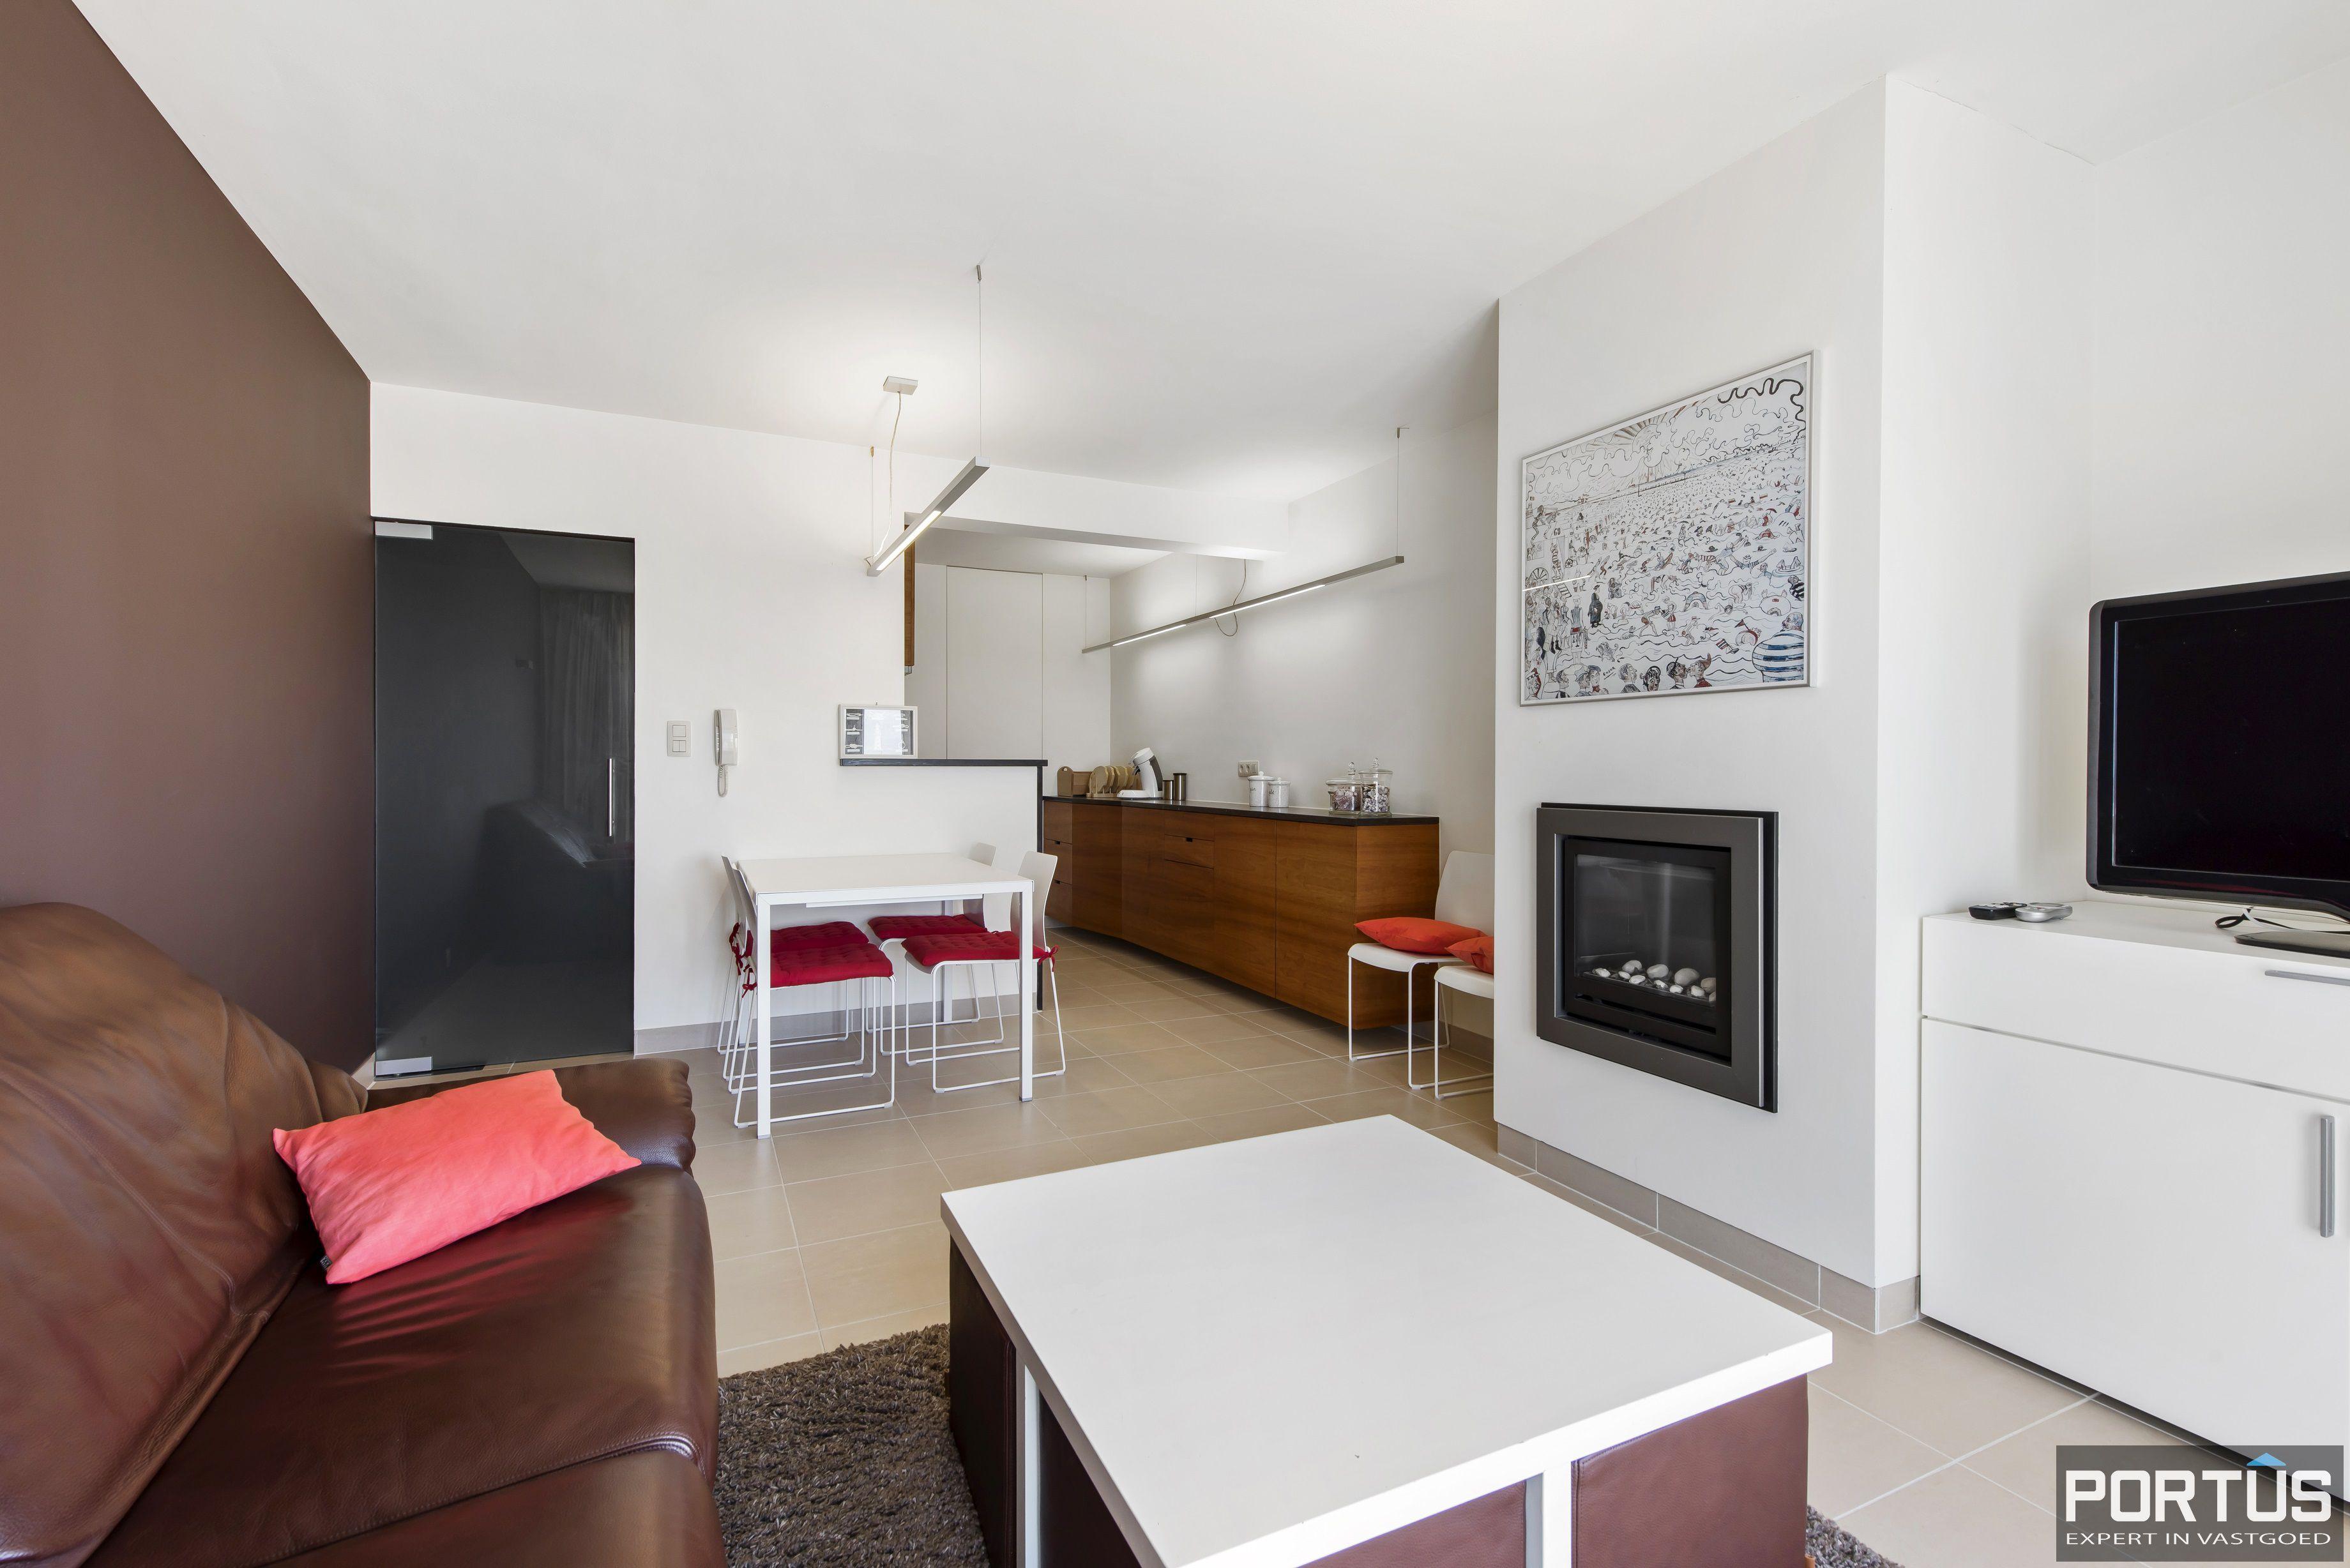 Appartement met 2 slaapkamers en frontaal zeezicht te koop Nieuwpoort - 9773